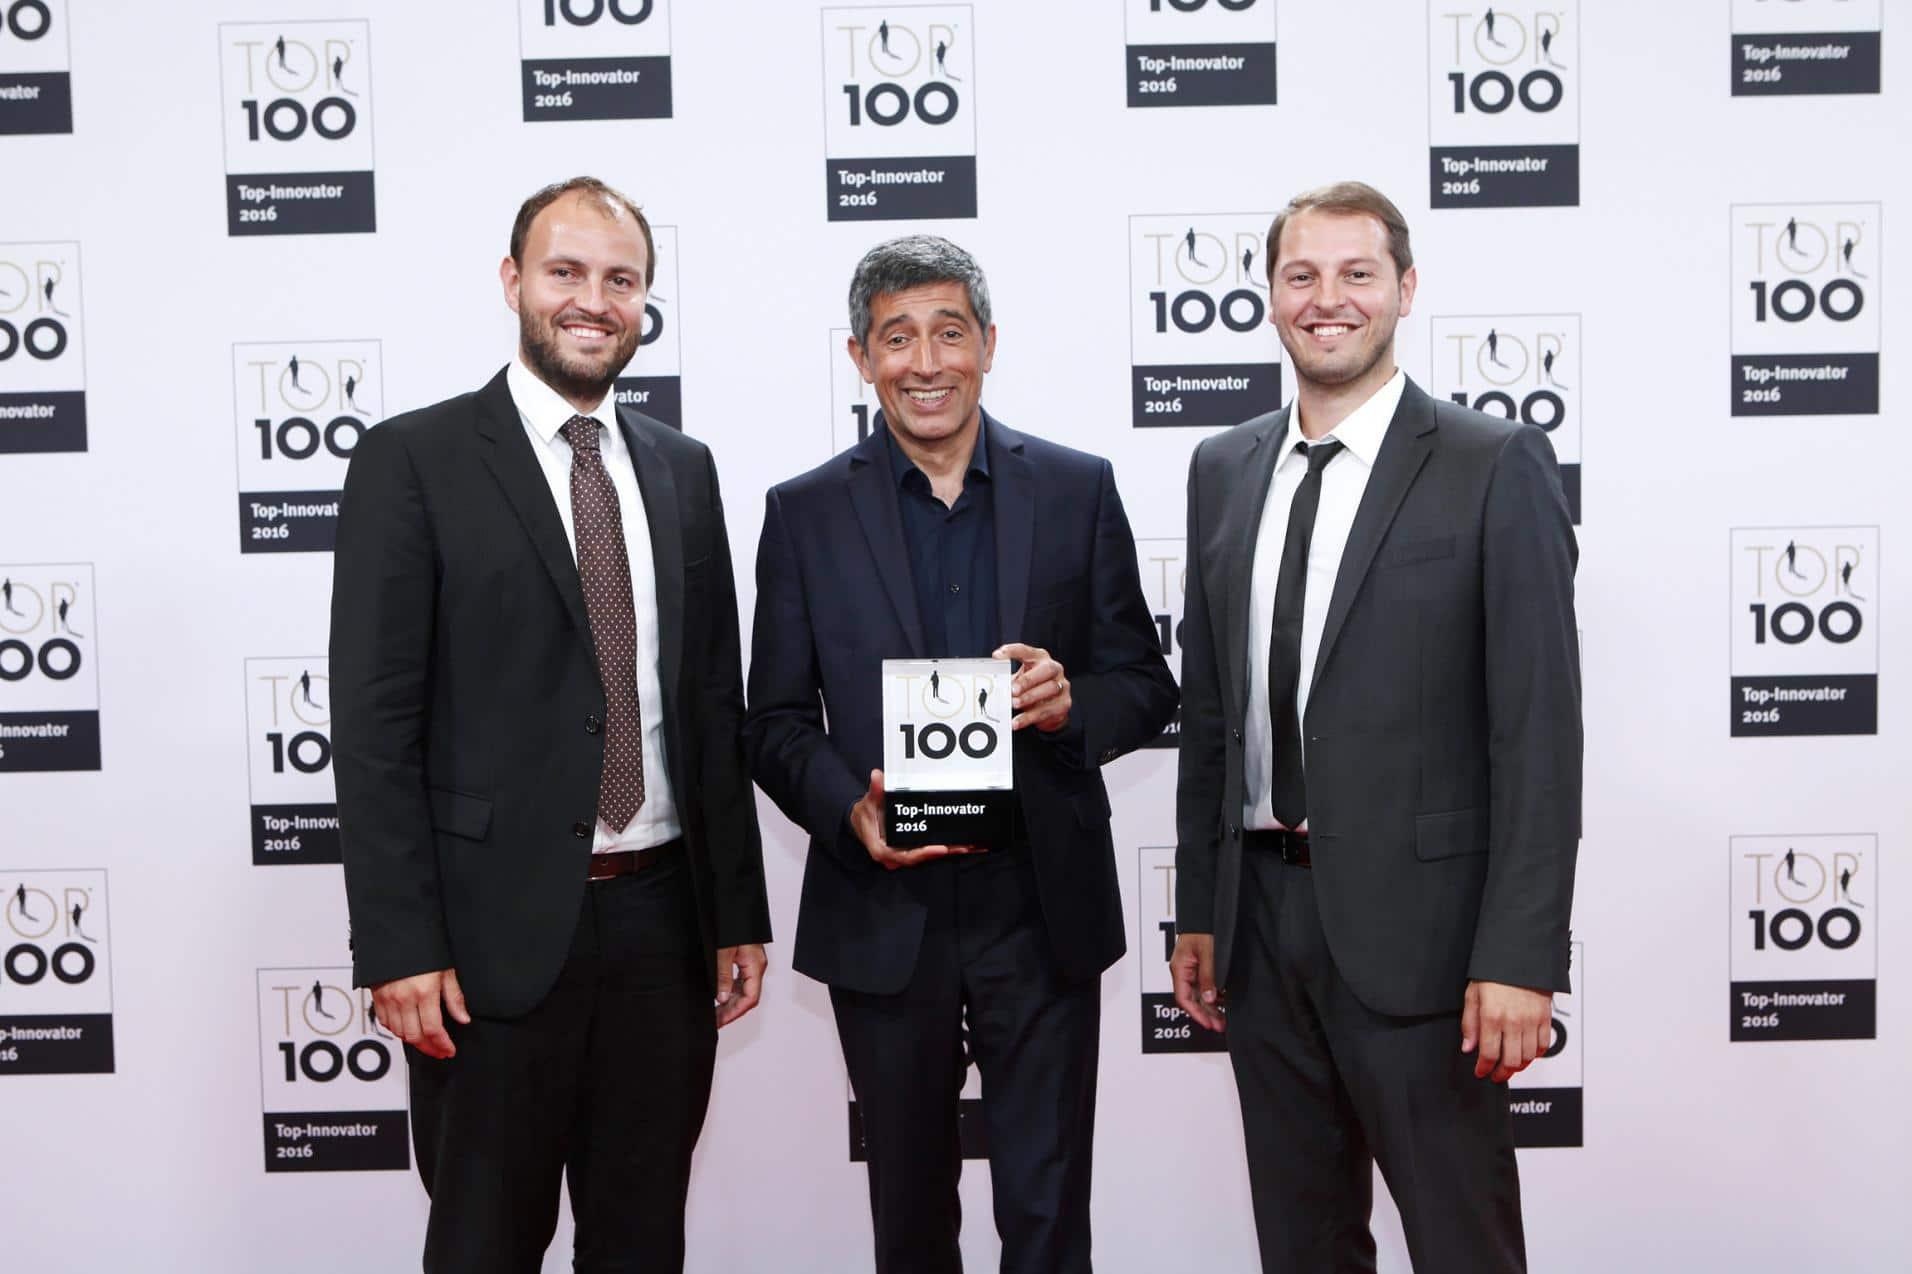 Michael und Matthias Abt bei der Preisverleihung Top 100 Unternehmer 2016. Zwischen ihnen steht Mentor Ranga Yogeshwar.